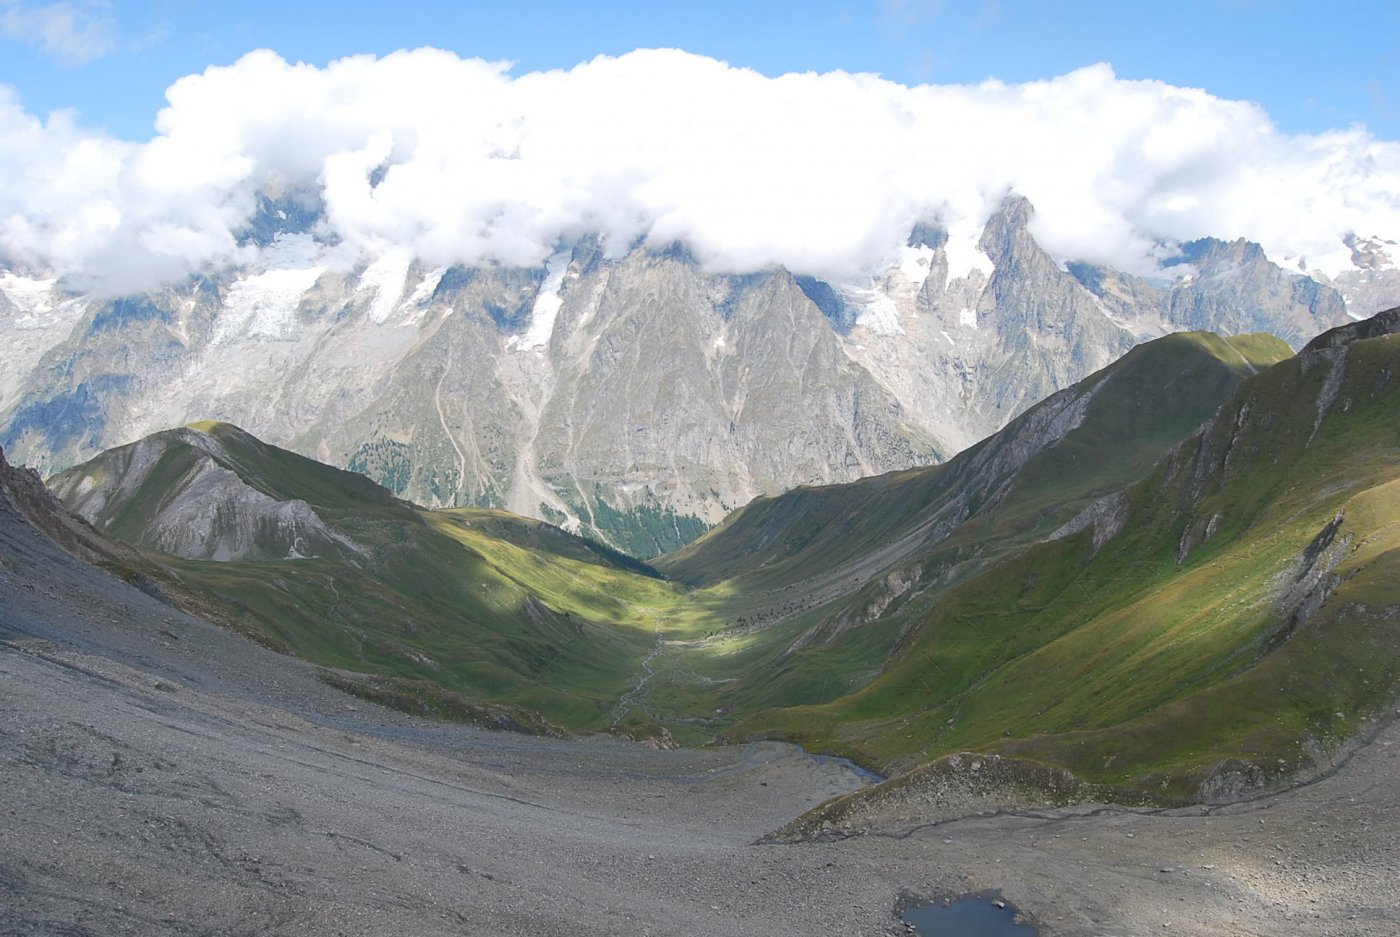 Dal colle: Col Sapin, Vallone di Armina, Monte Bianco con le nuvole.